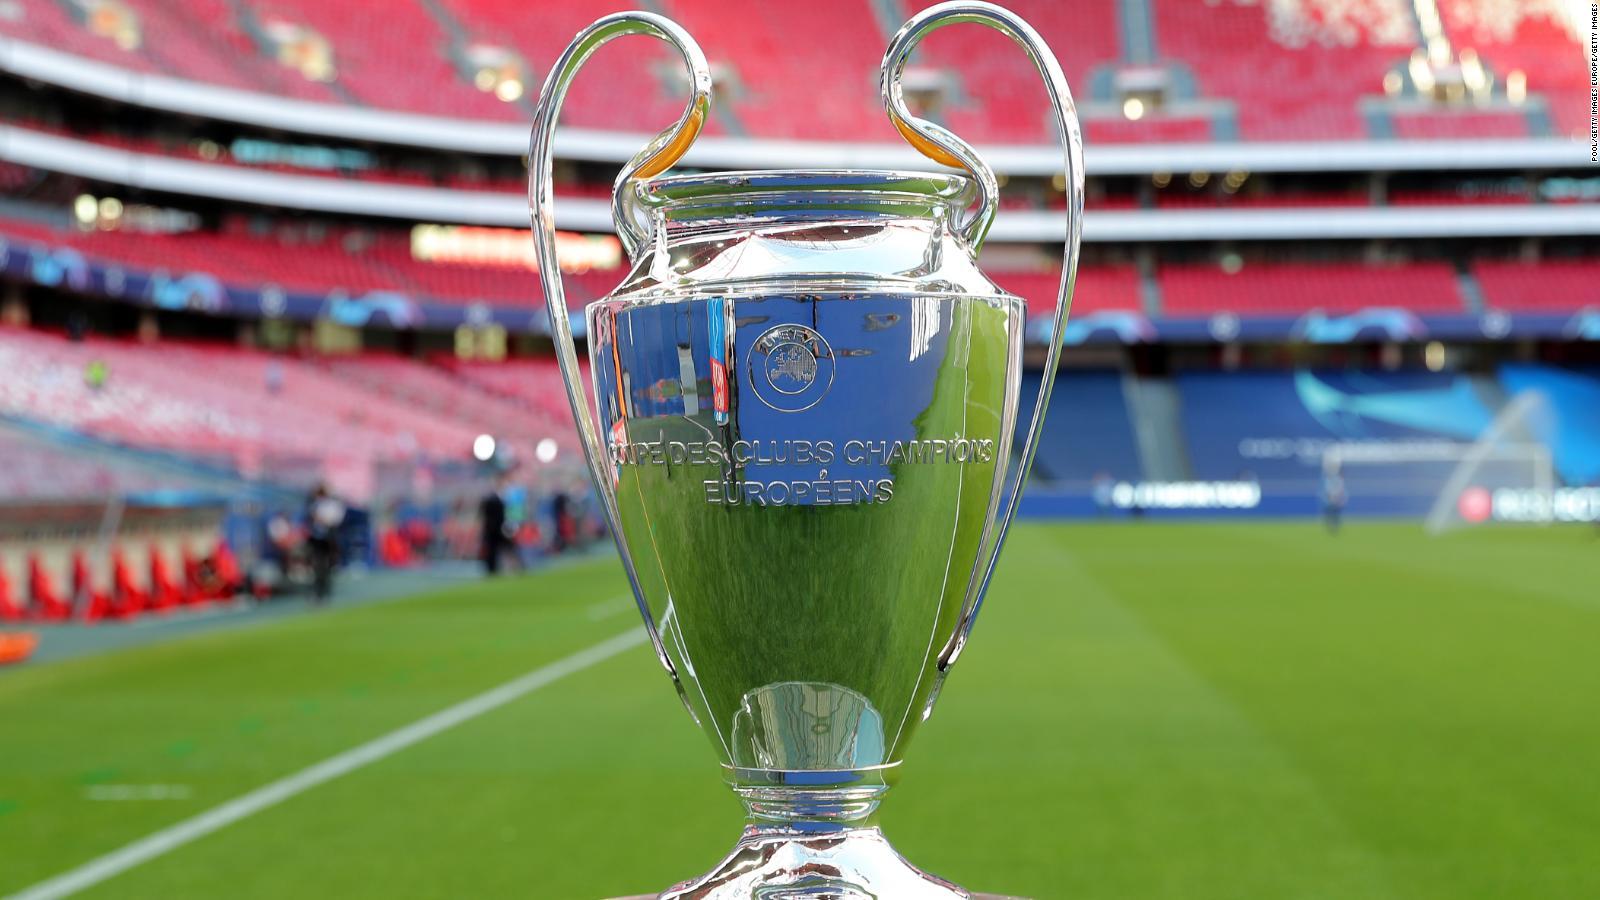 Champions League: comienza la fase de grupos con 16 partidos en 2 días